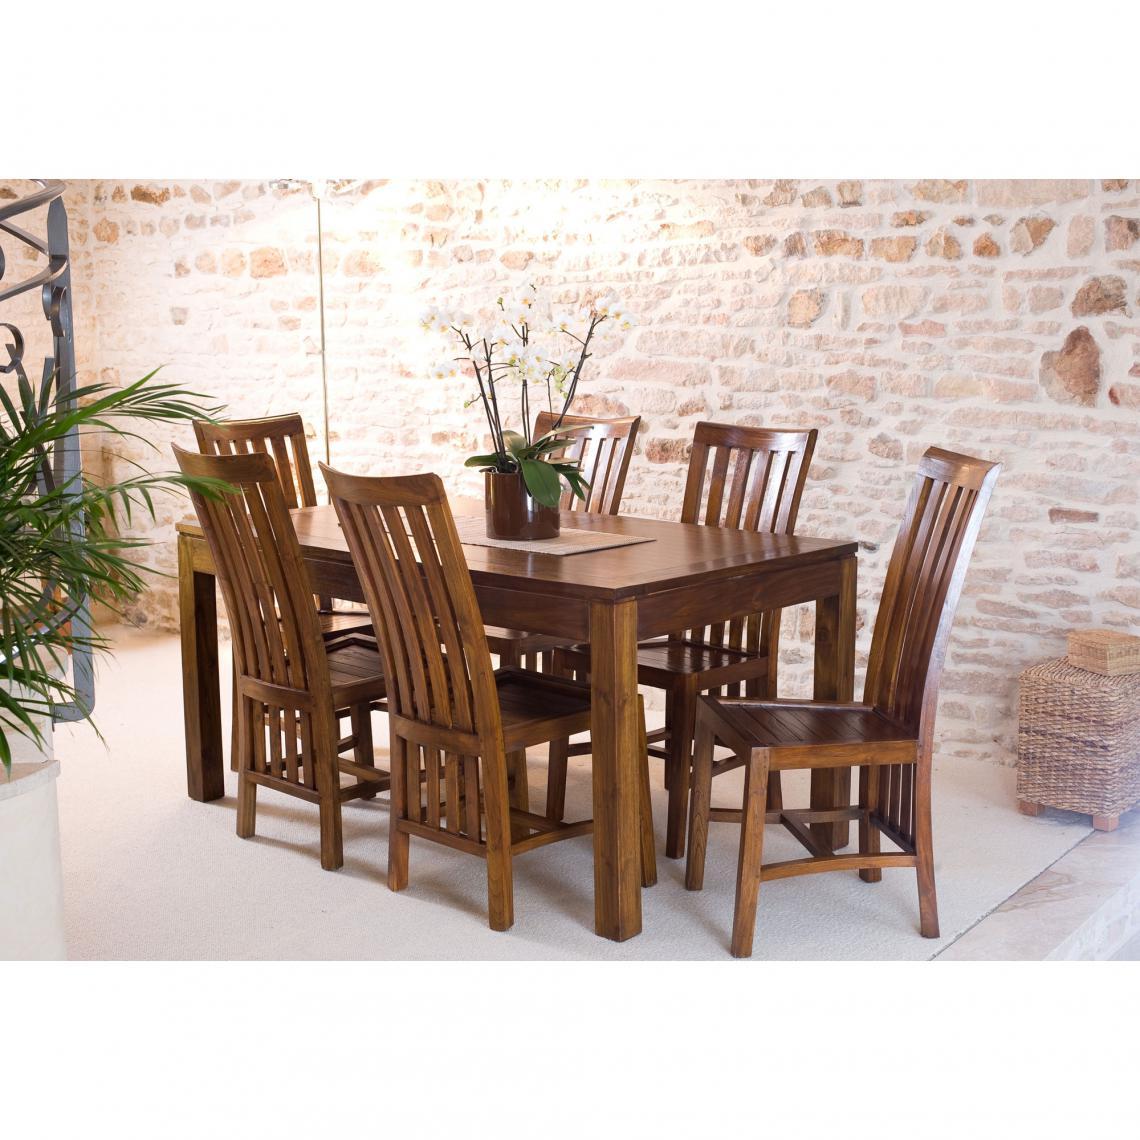 Table A Manger Rectangulaire Avec Rallonge 160x200 Cm En Bois